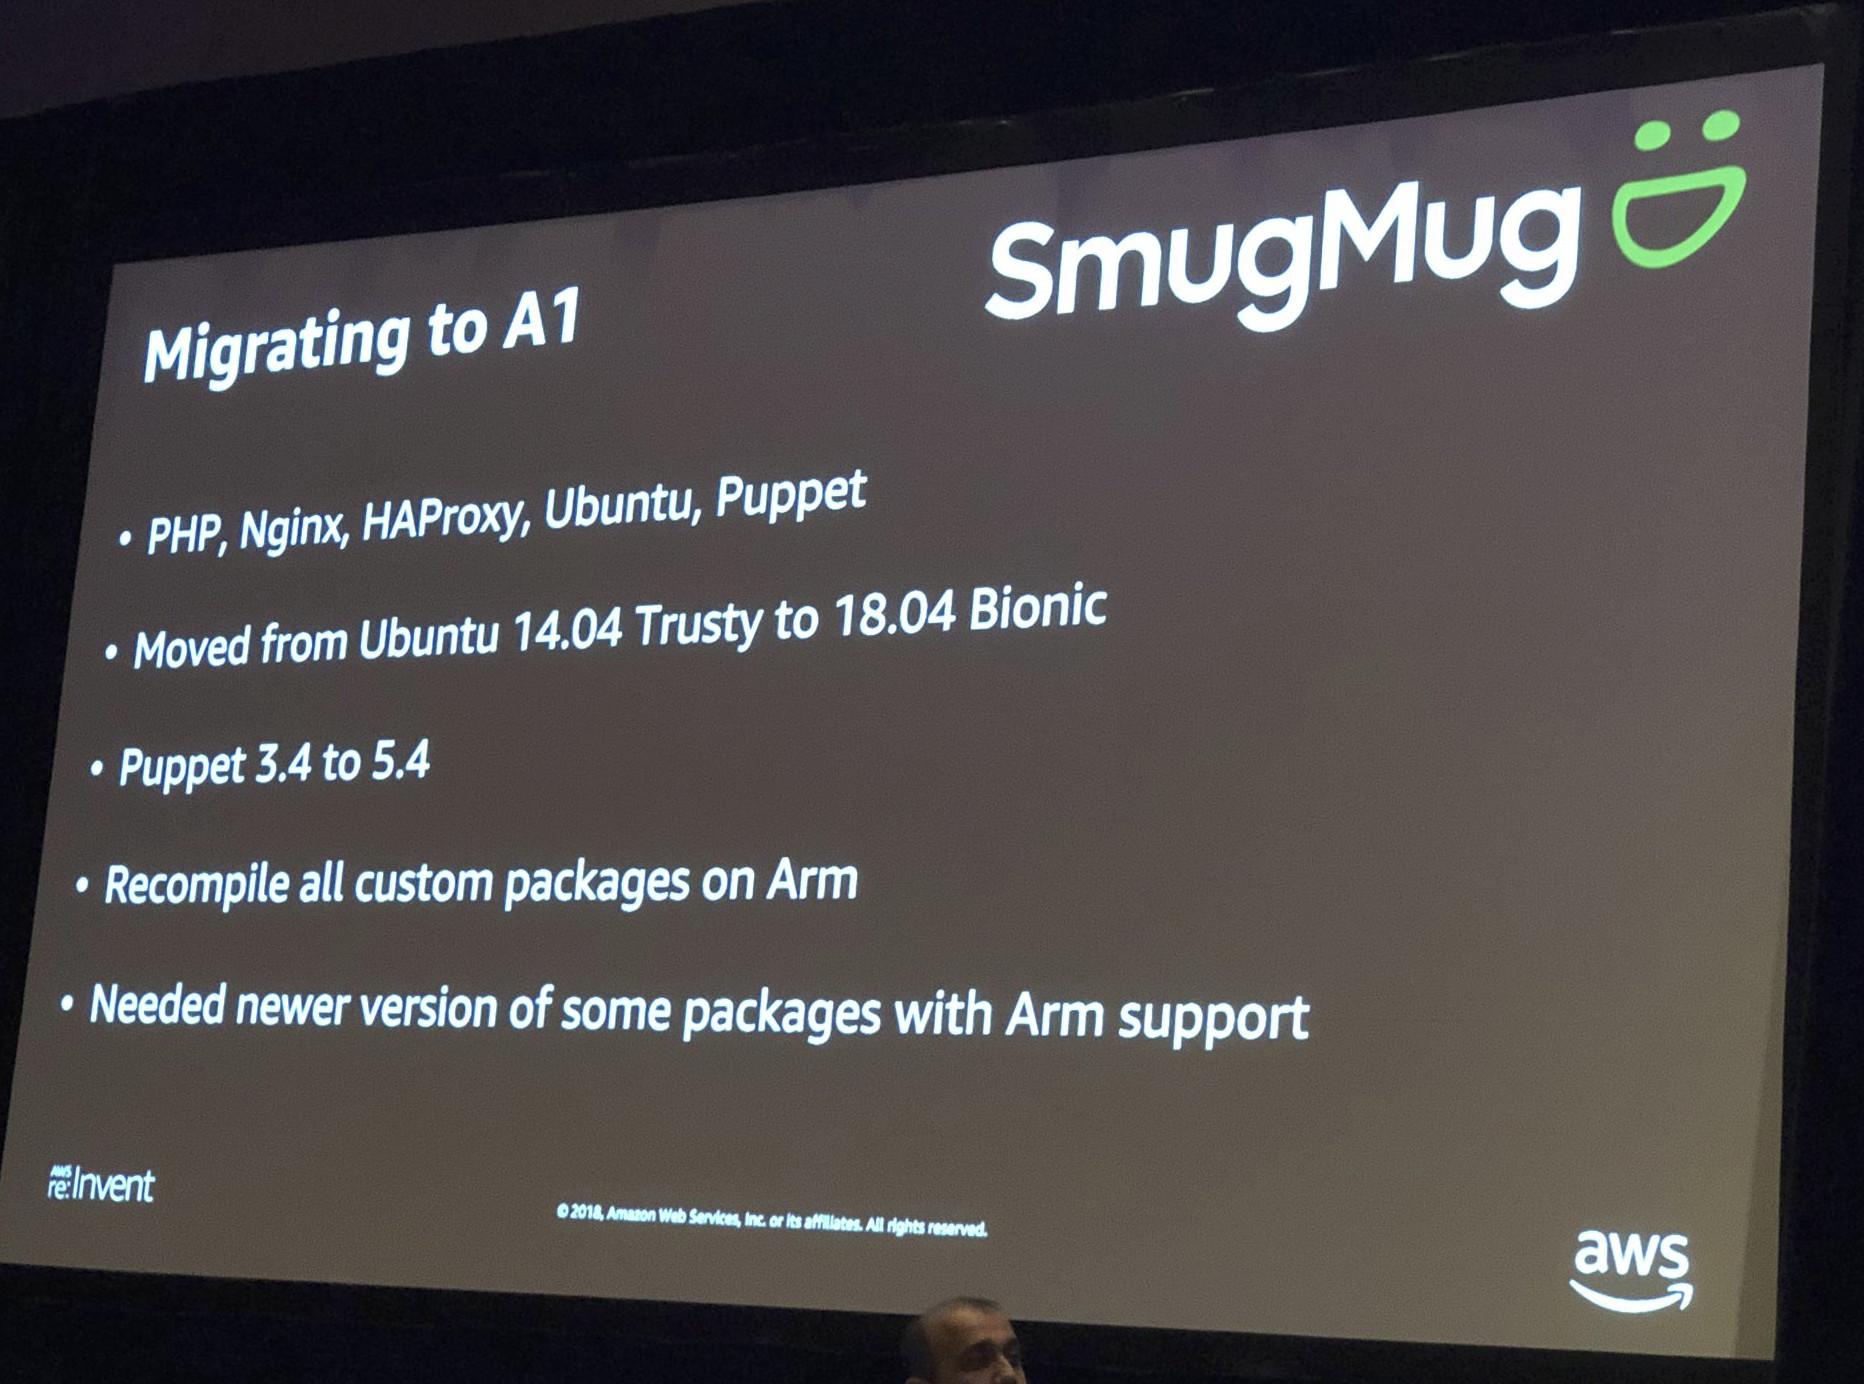 Amazon-Arm-SmugMug-Large.jpg